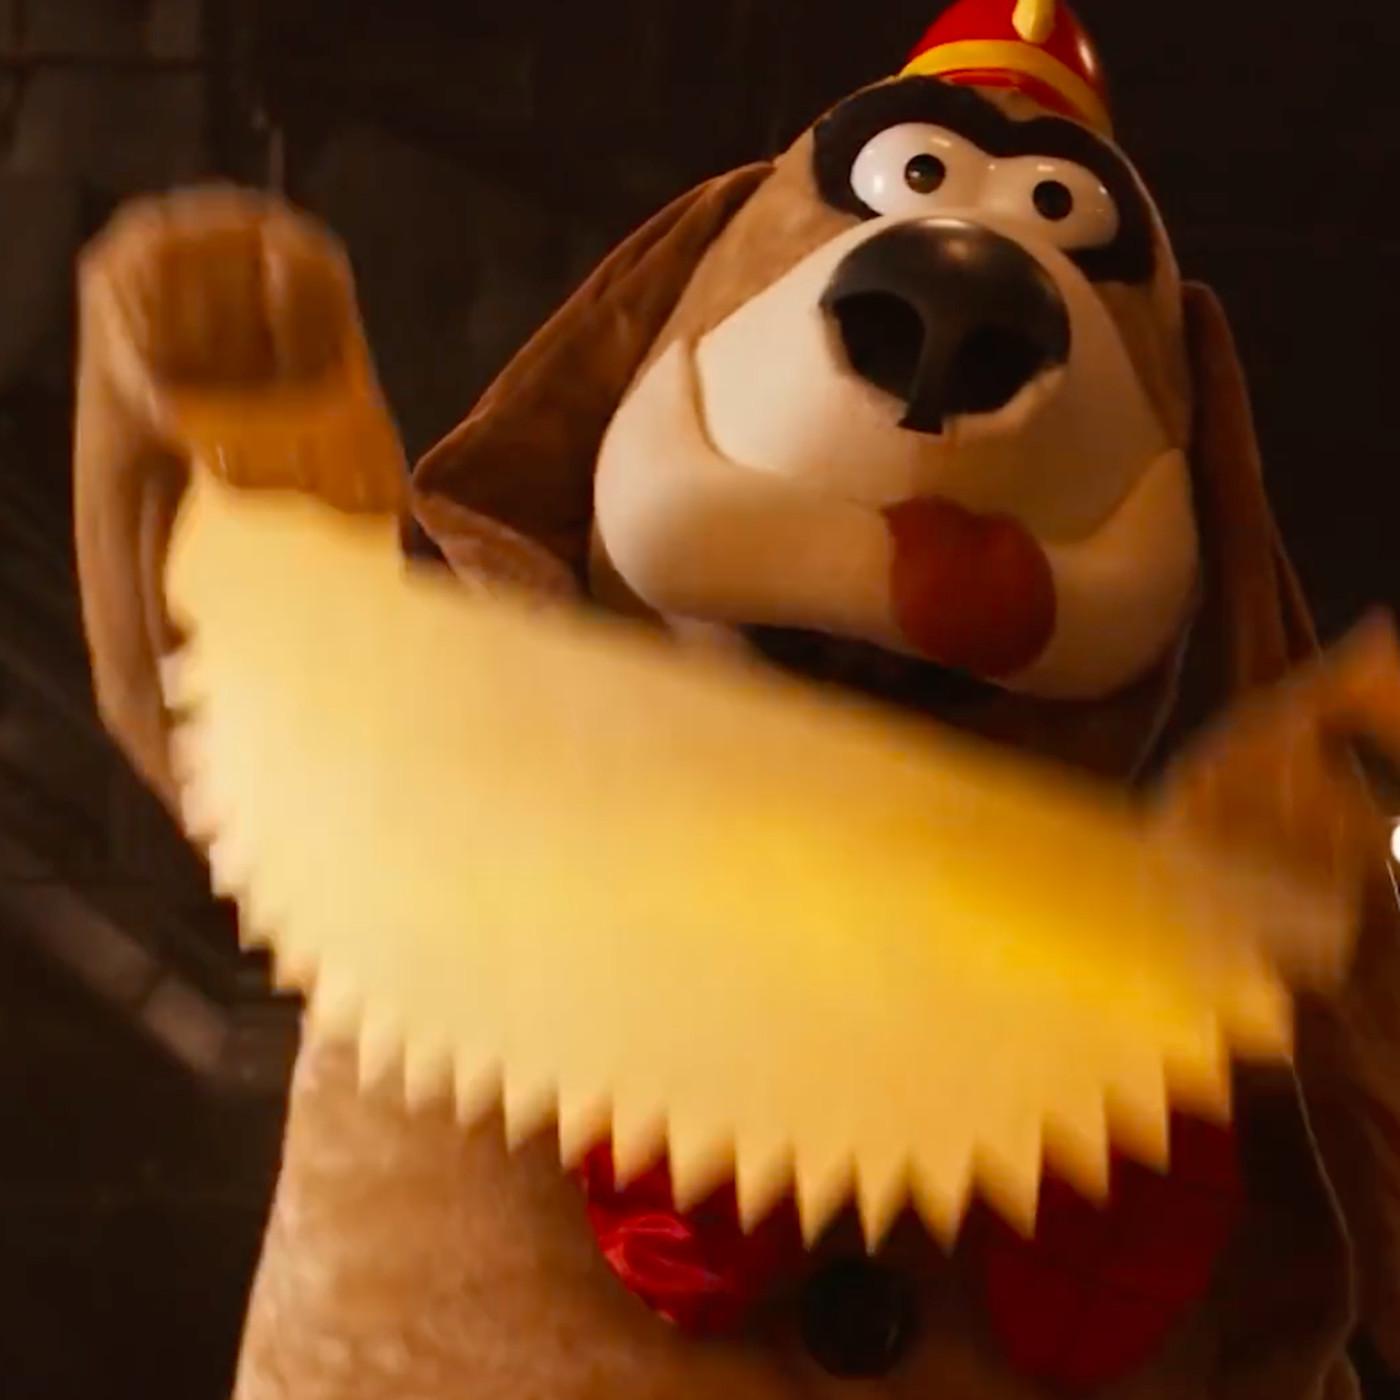 Syfy's Banana Splits horror movie looks like Five Nights at